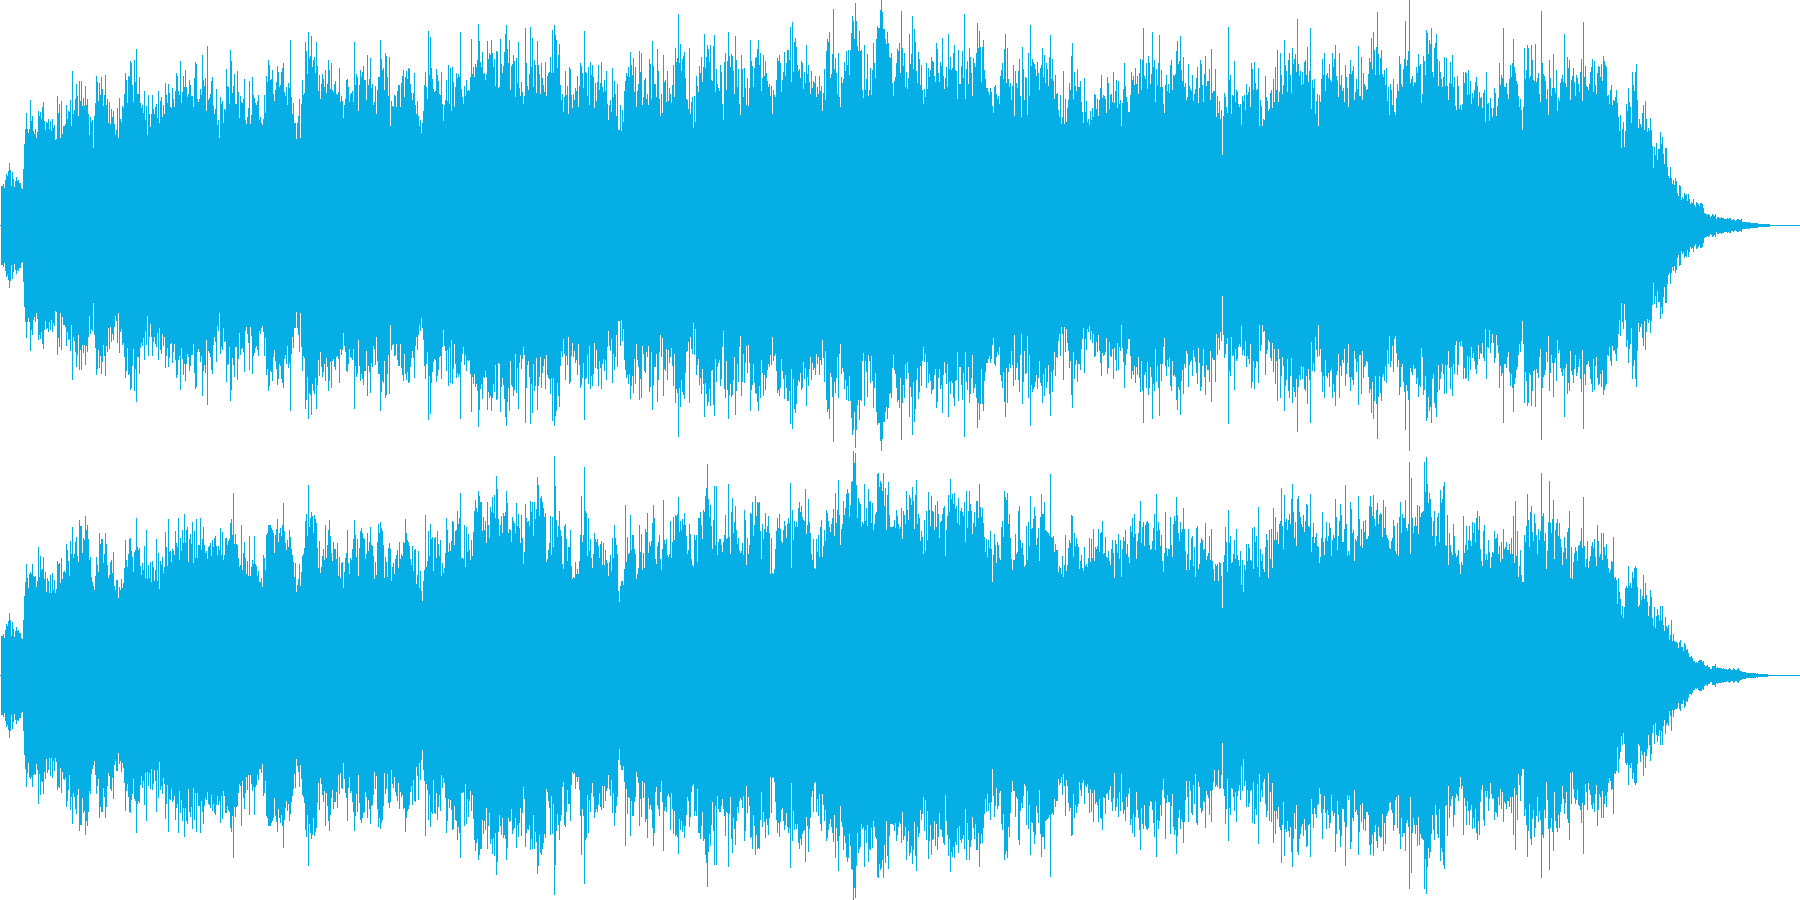 エレキギターによる青く漂うようなインストの再生済みの波形